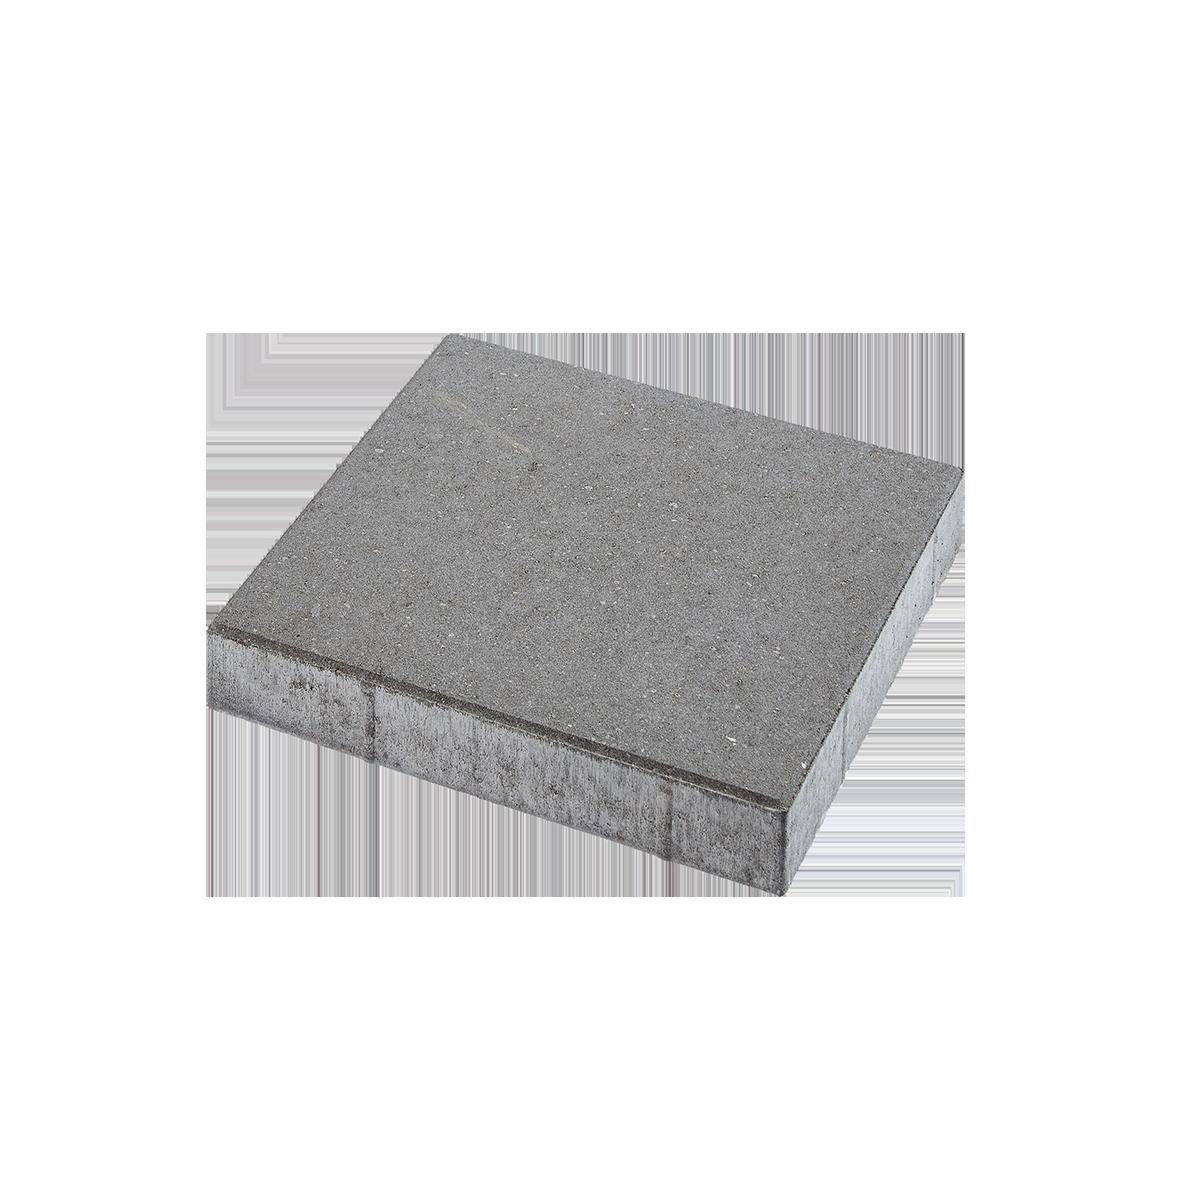 Fliser 40x40x5 cm Grå